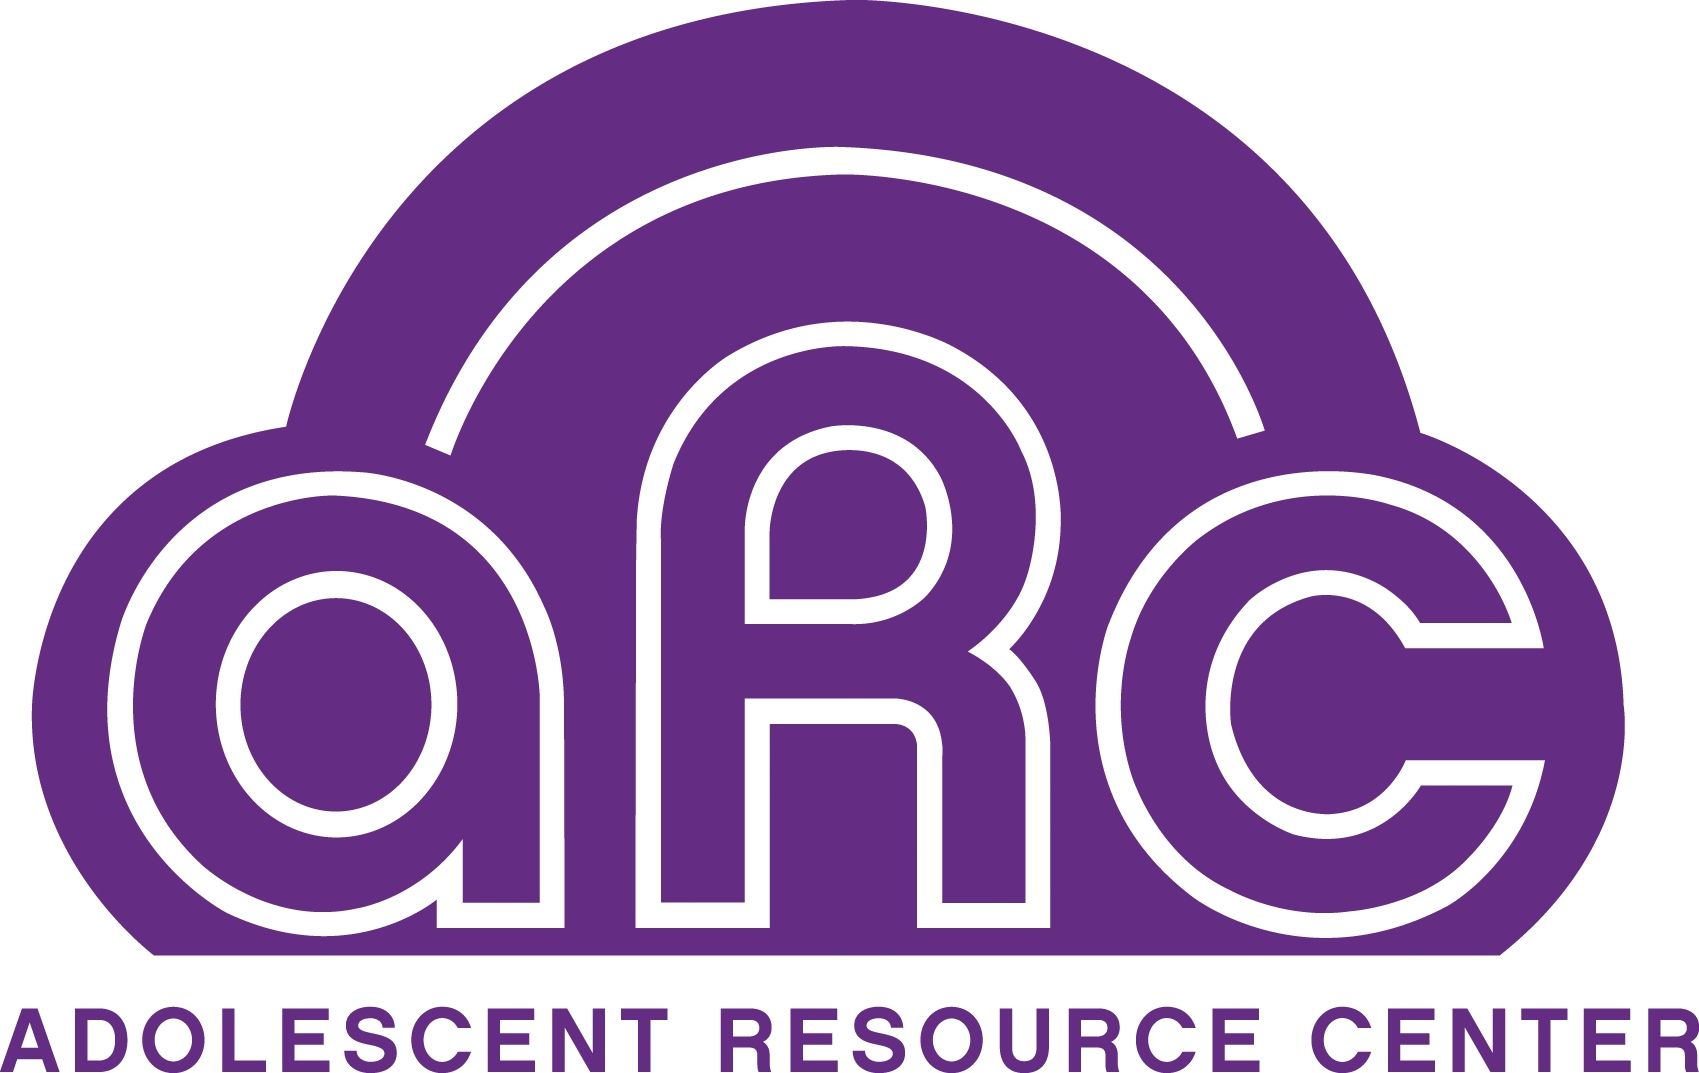 Children & Families First - ARC (Adolescent Resource Center)